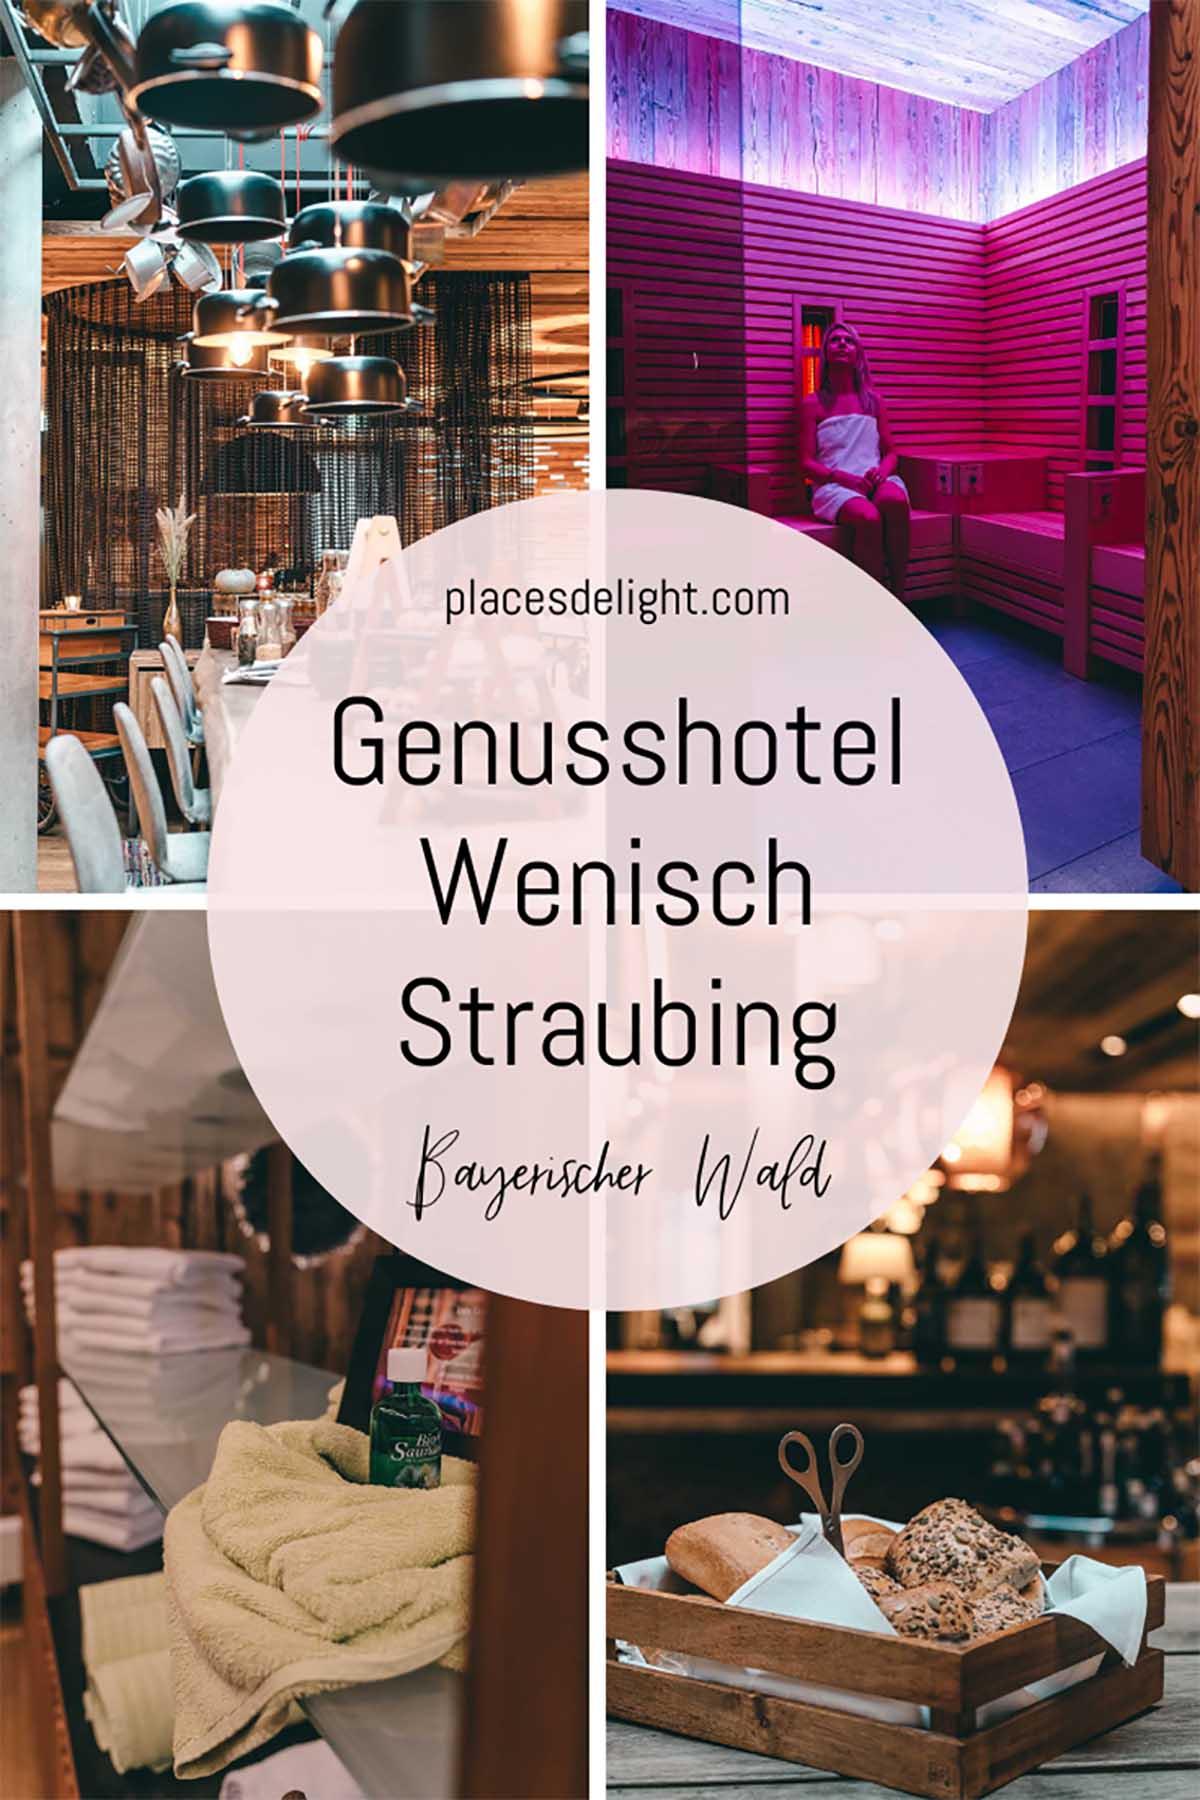 placesdelight-genuss-hotel-wenisch-tonis-straubing-bayerischer-wald-01